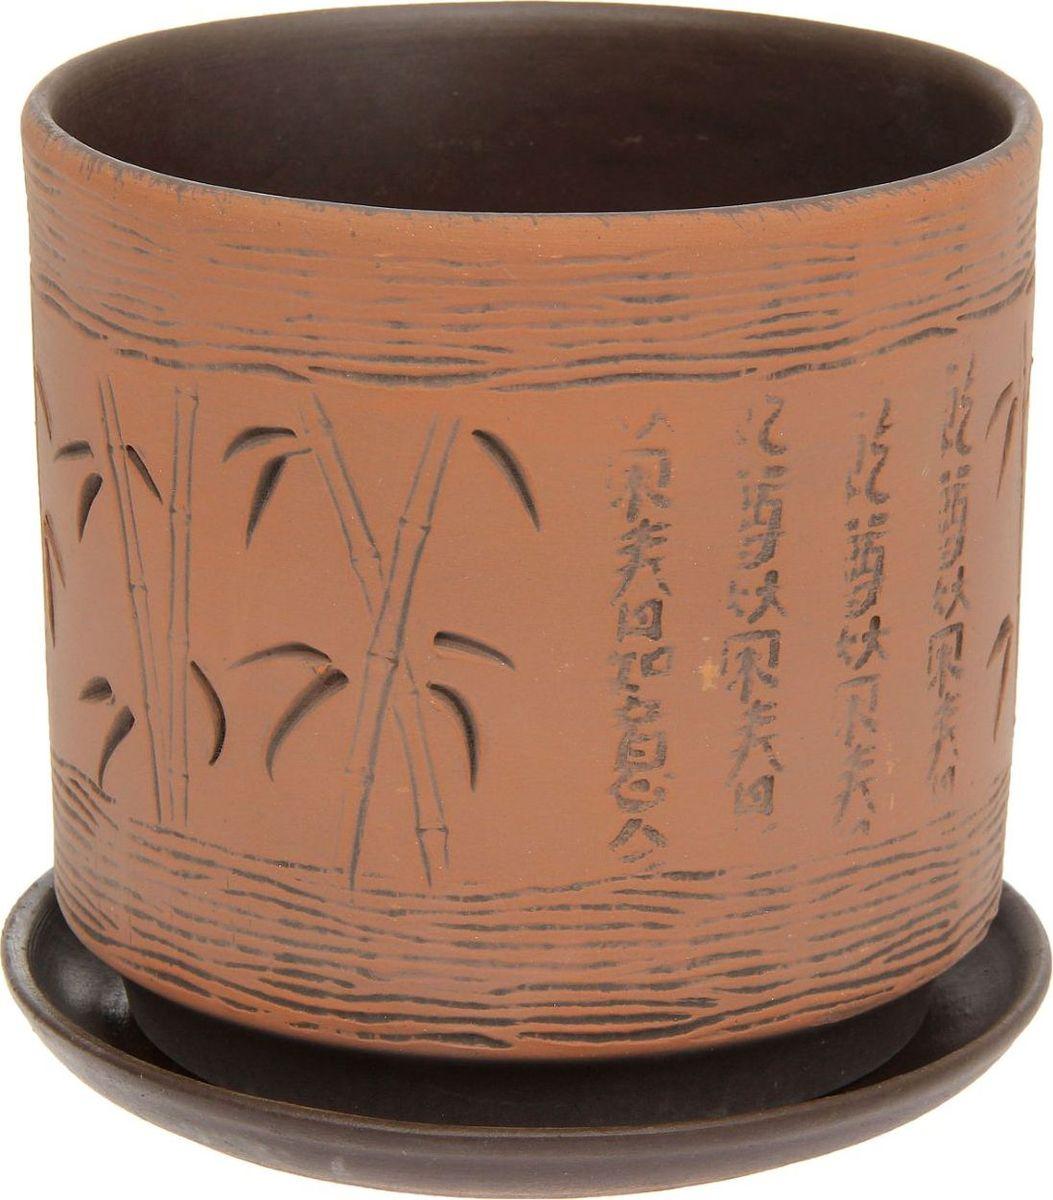 Кашпо Бамбук, 1,6 л1138524Комнатные растения — всеобщие любимцы. Они радуют глаз, насыщают помещение кислородом и украшают пространство. Каждому из них необходим свой удобный и красивый дом. Кашпо из керамики прекрасно подходят для высадки растений: за счёт пластичности глины и разных способов обработки существует великое множество форм и дизайновпористый материал позволяет испаряться лишней влагевоздух, необходимый для дыхания корней, проникает сквозь керамические стенки! #name# позаботится о зелёном питомце, освежит интерьер и подчеркнёт его стиль.